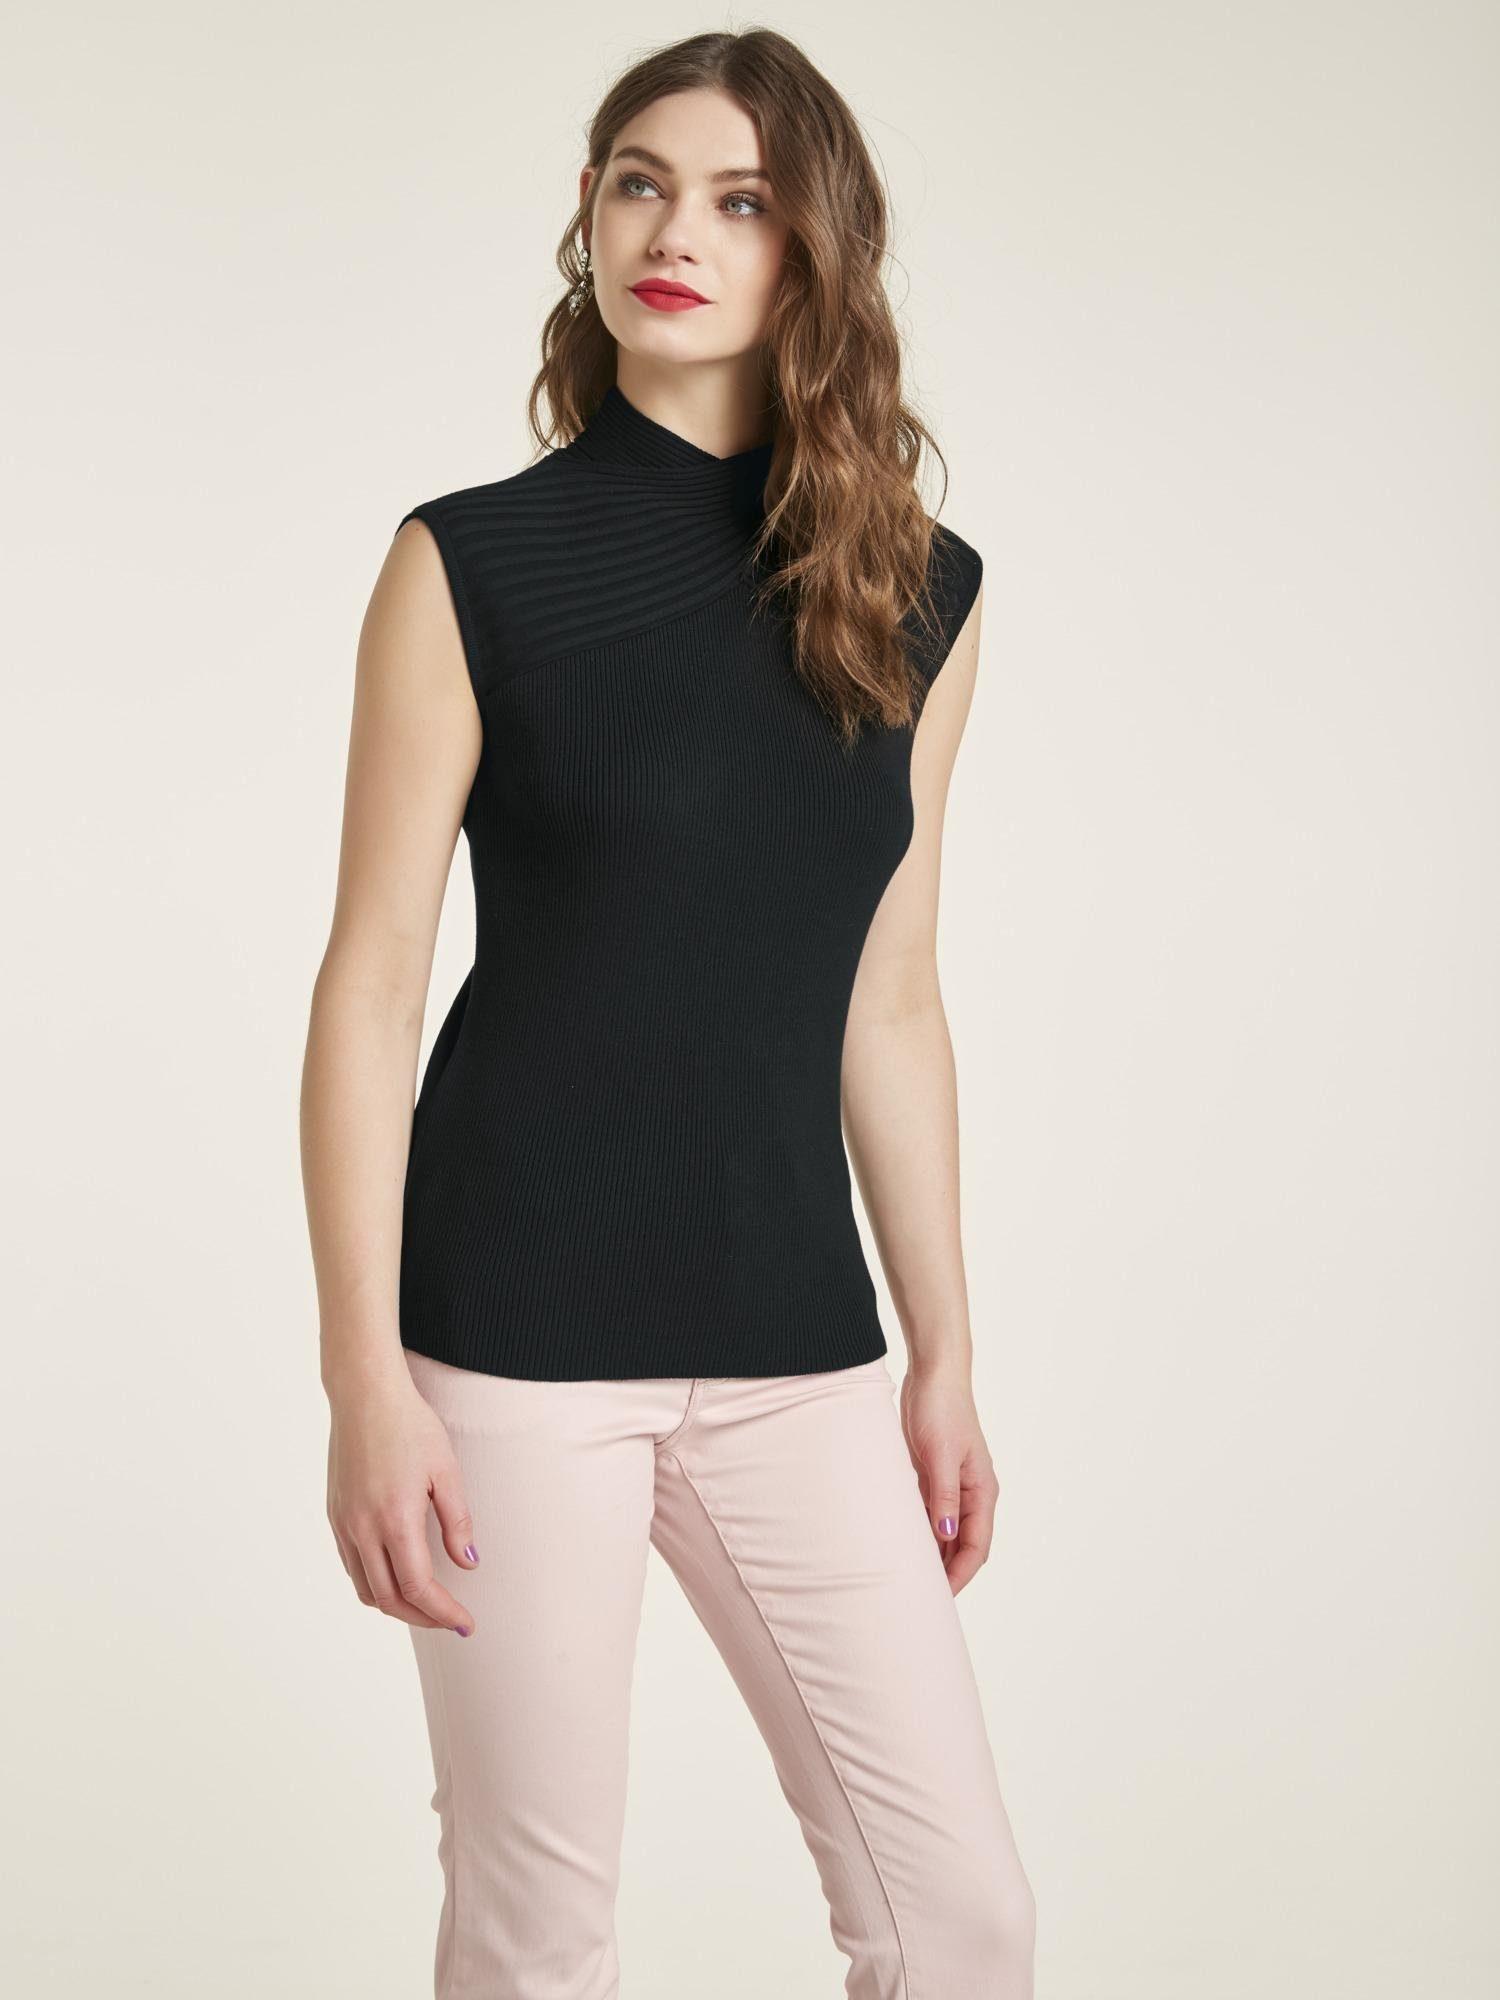 Kaufen Mit Style Kragen Pullover Heine Gekreuztem thrsxQdCB